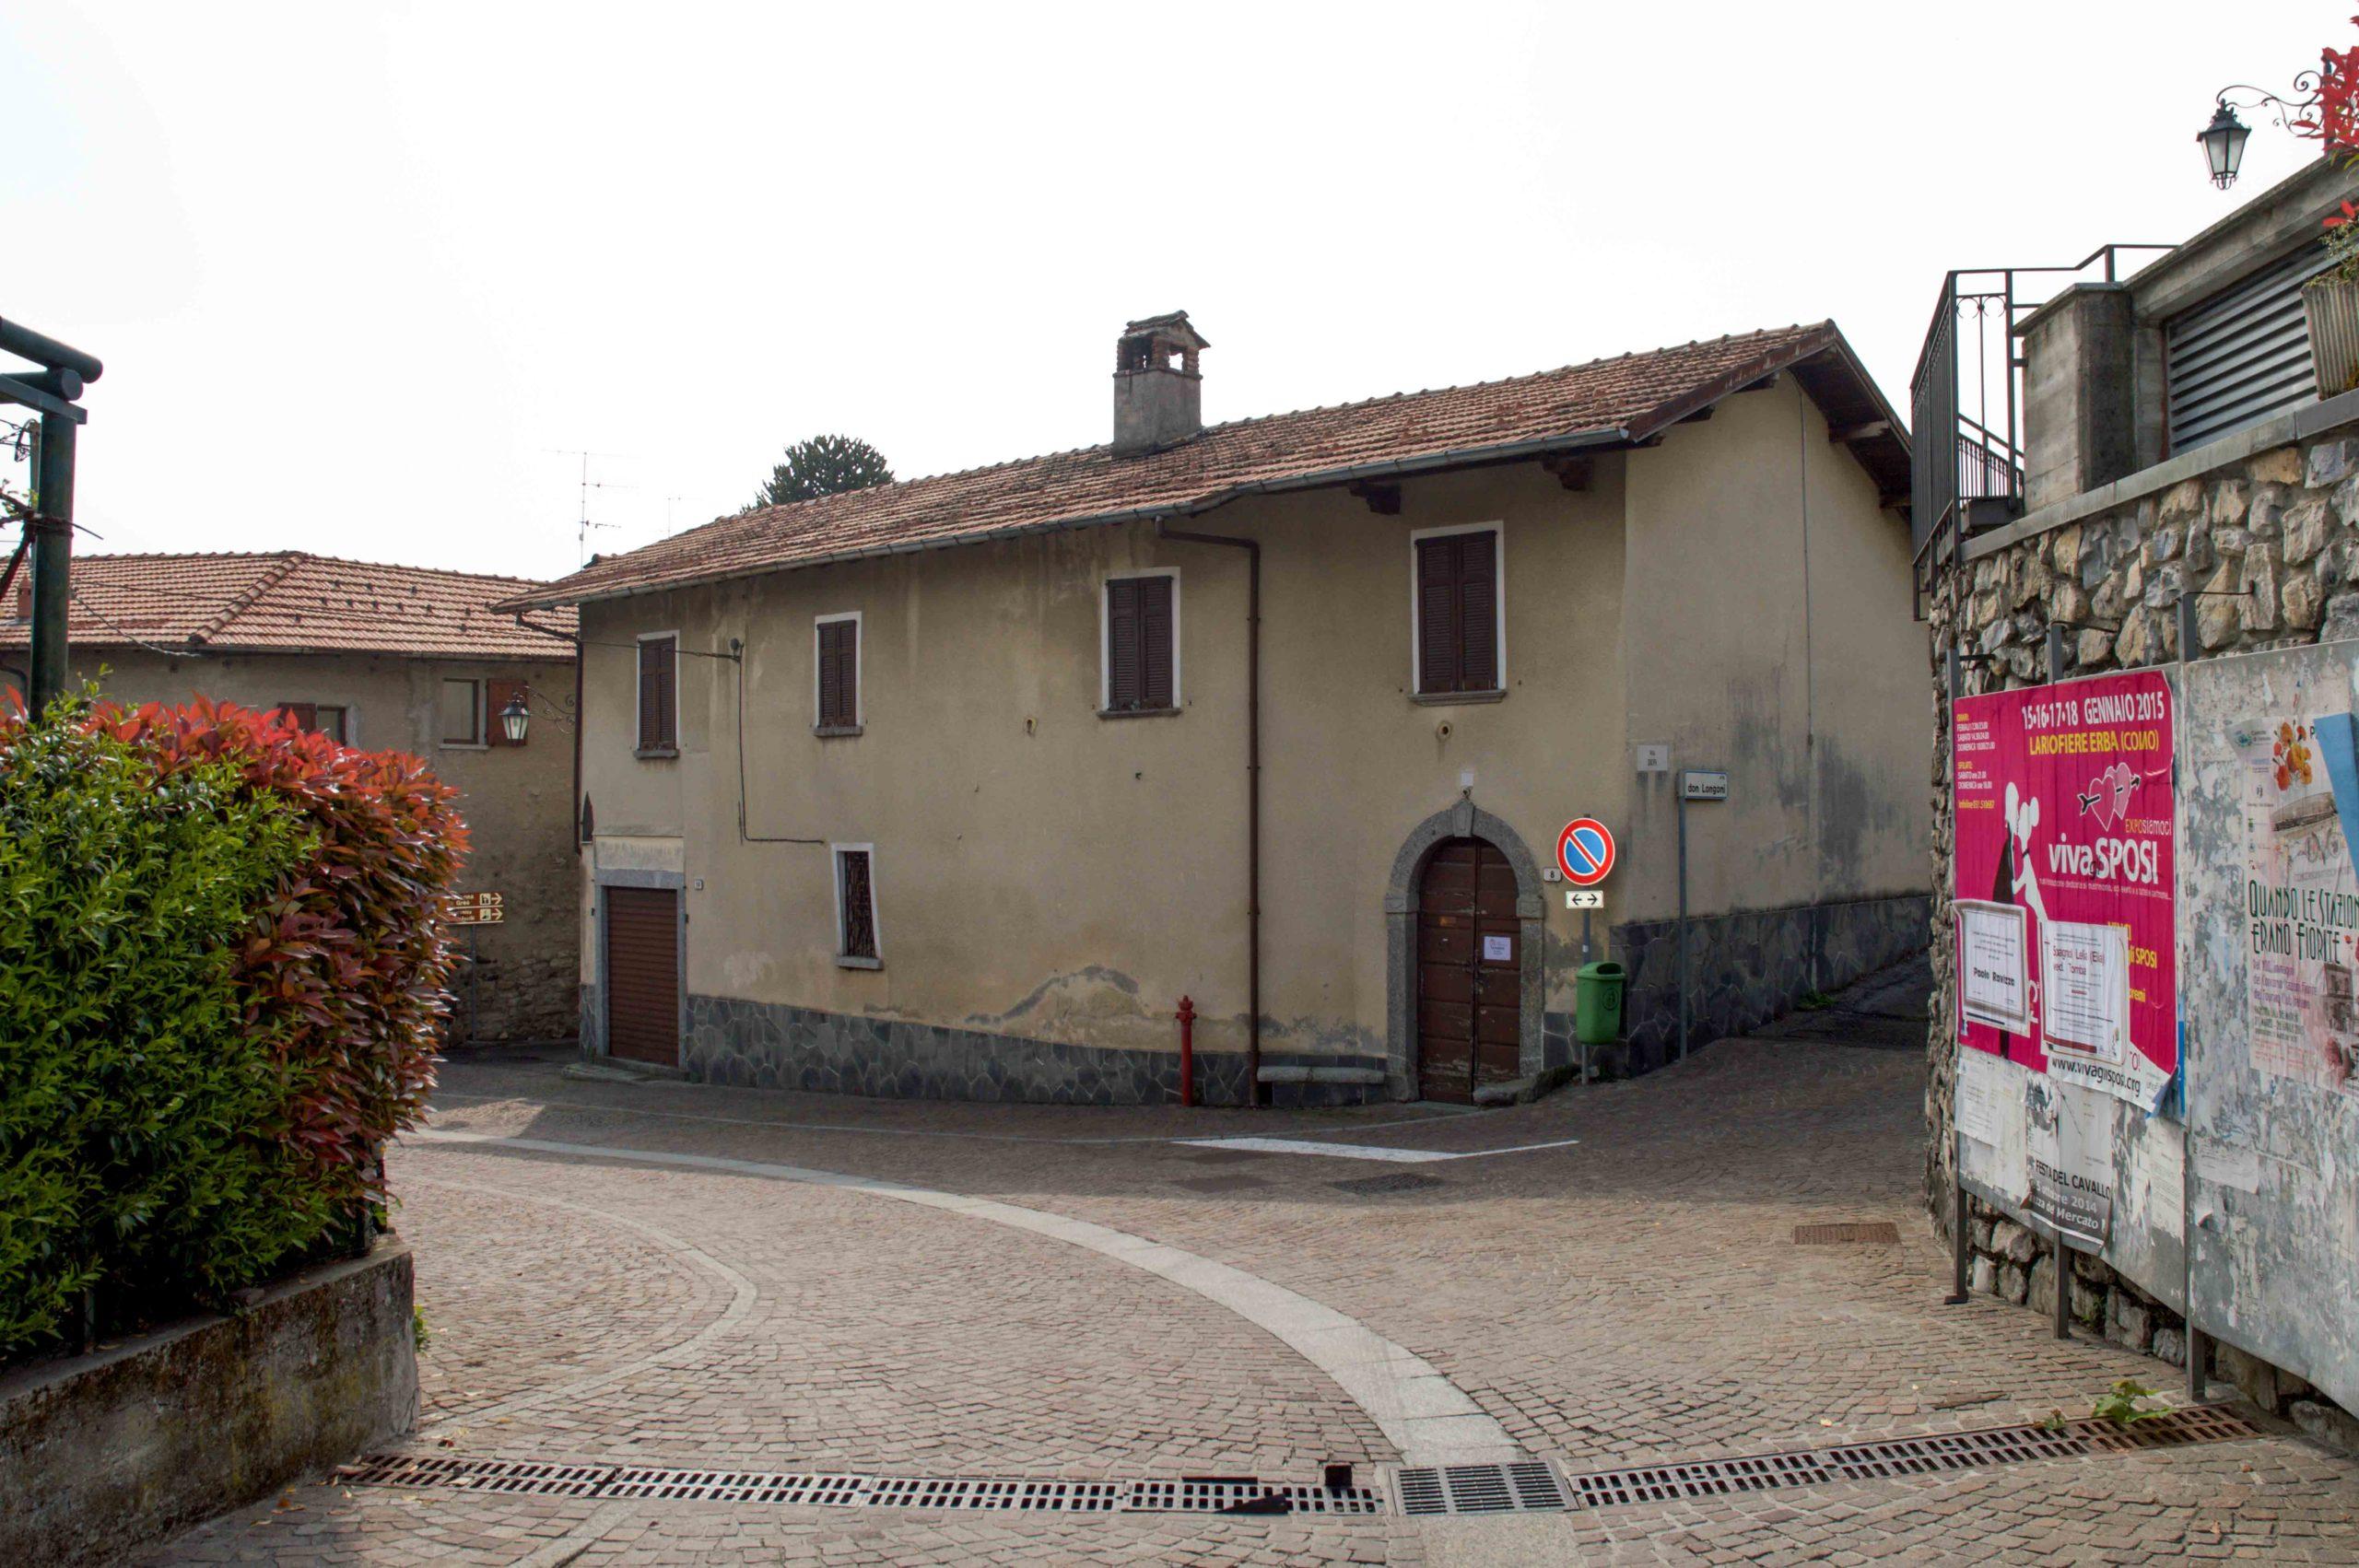 Ex Prestino Rustico Bellagio Civenna